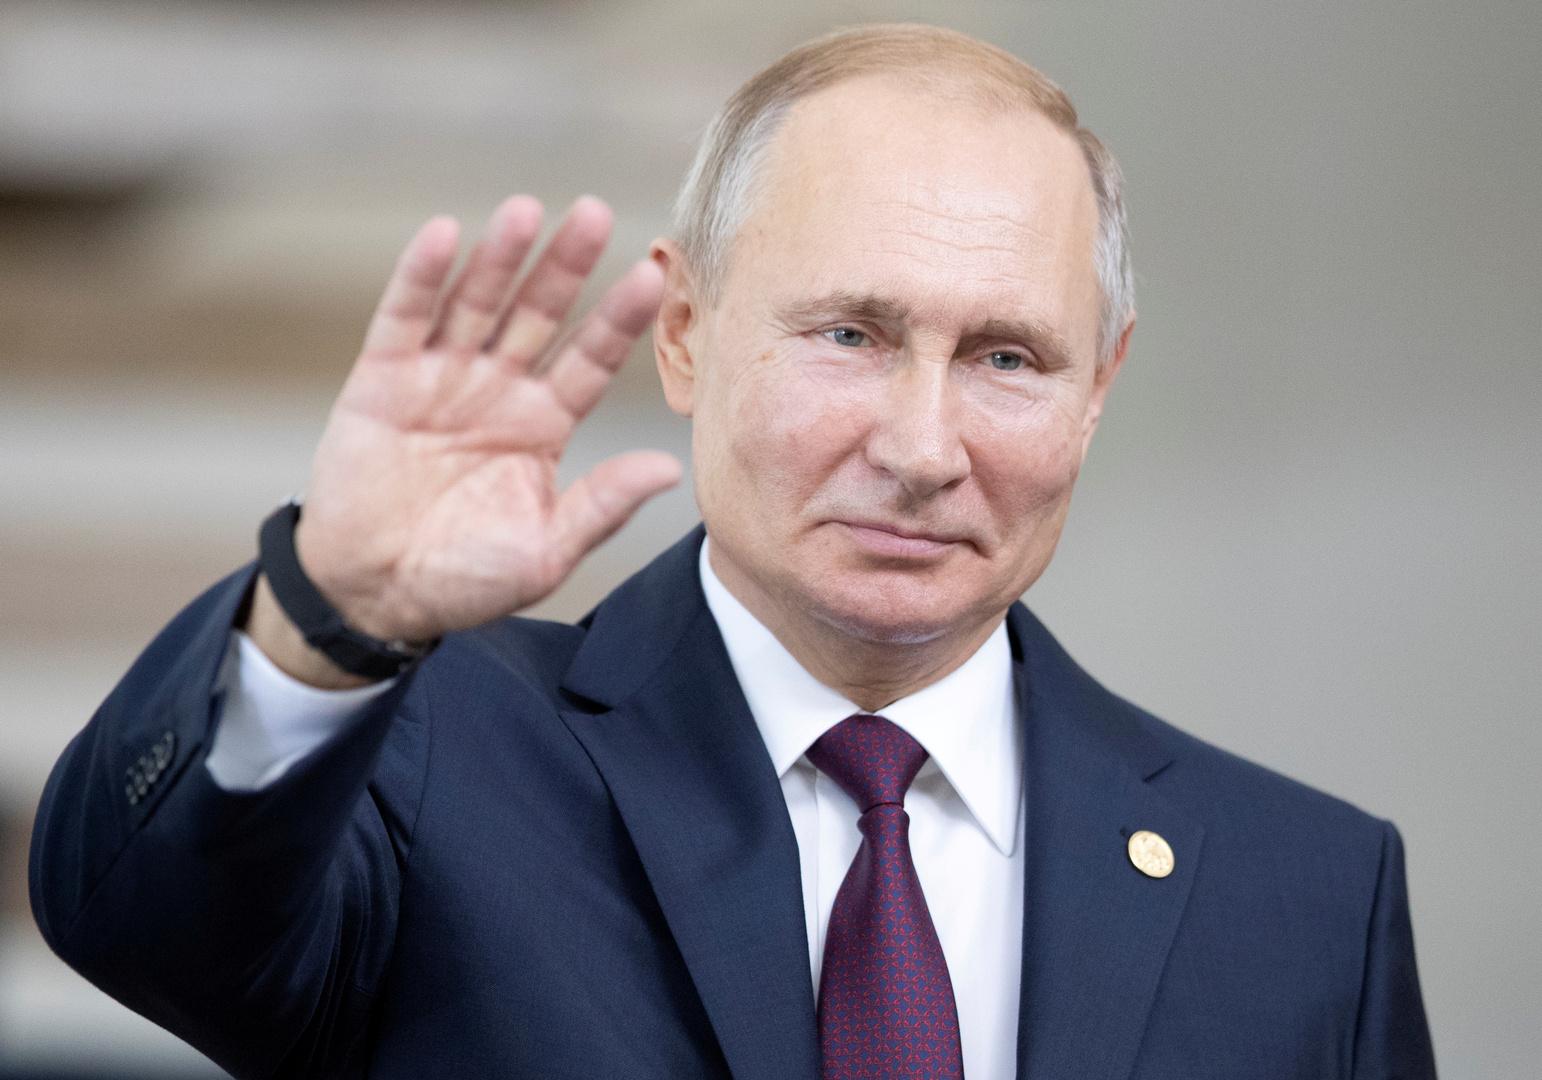 بوتين يوقع قانون موازنة روسيا لعام 2020 وفترة التخطيط لعامي 2021-2022